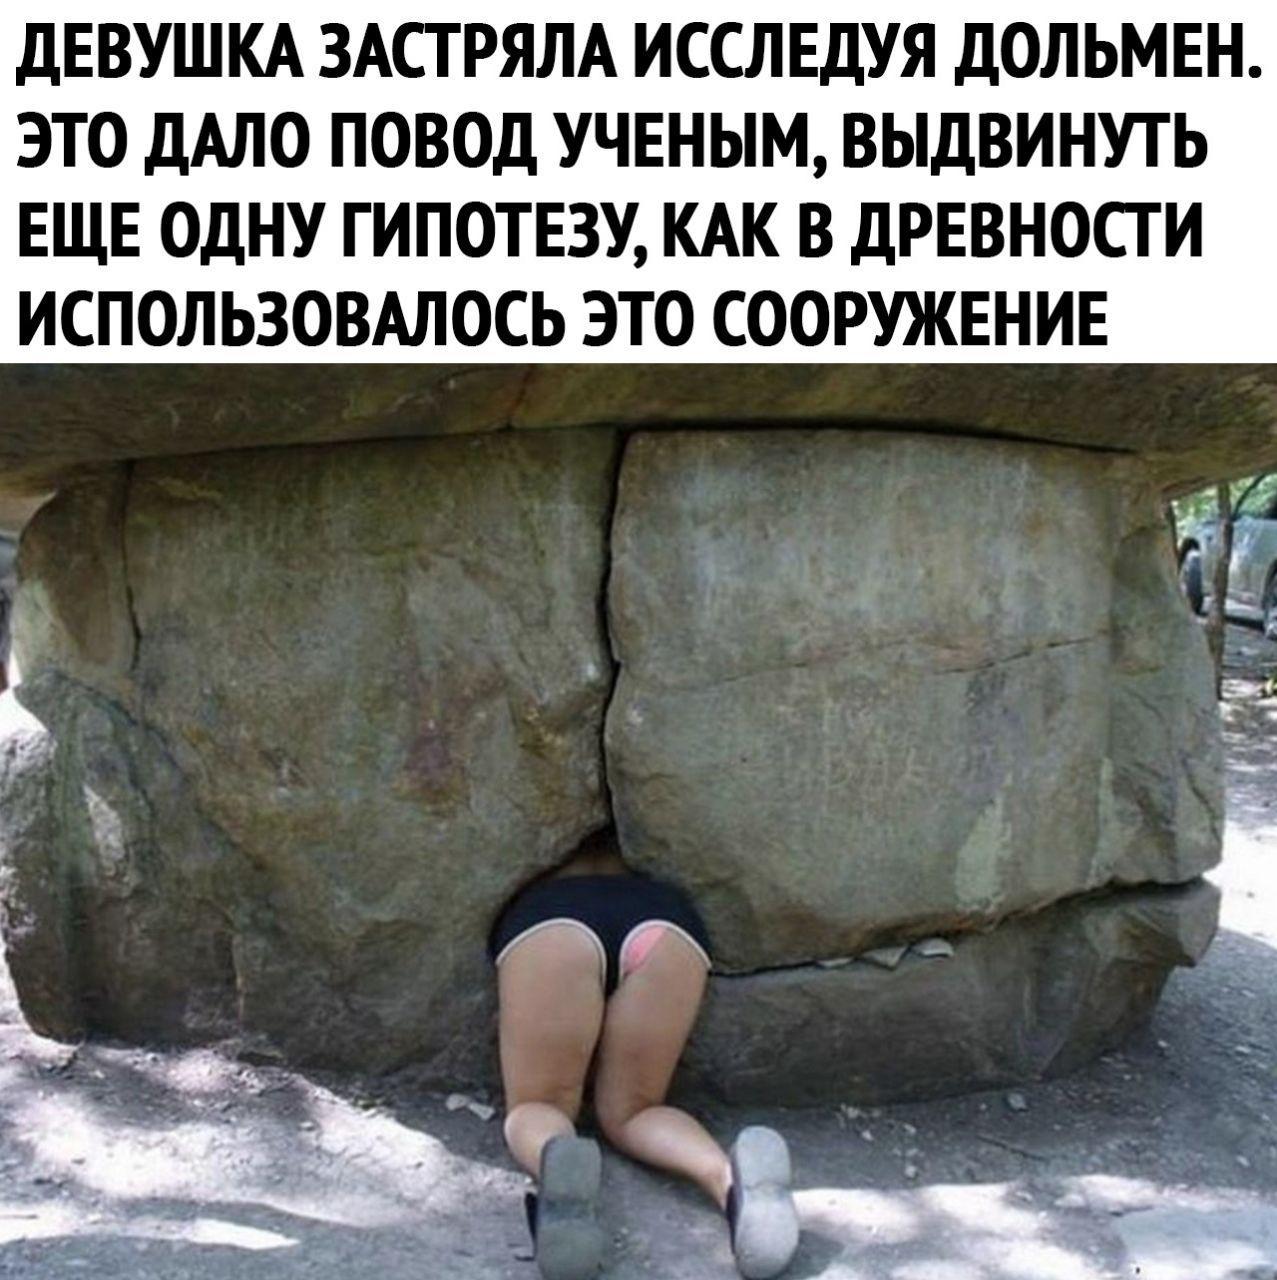 http://s9.uploads.ru/pzcKh.jpg